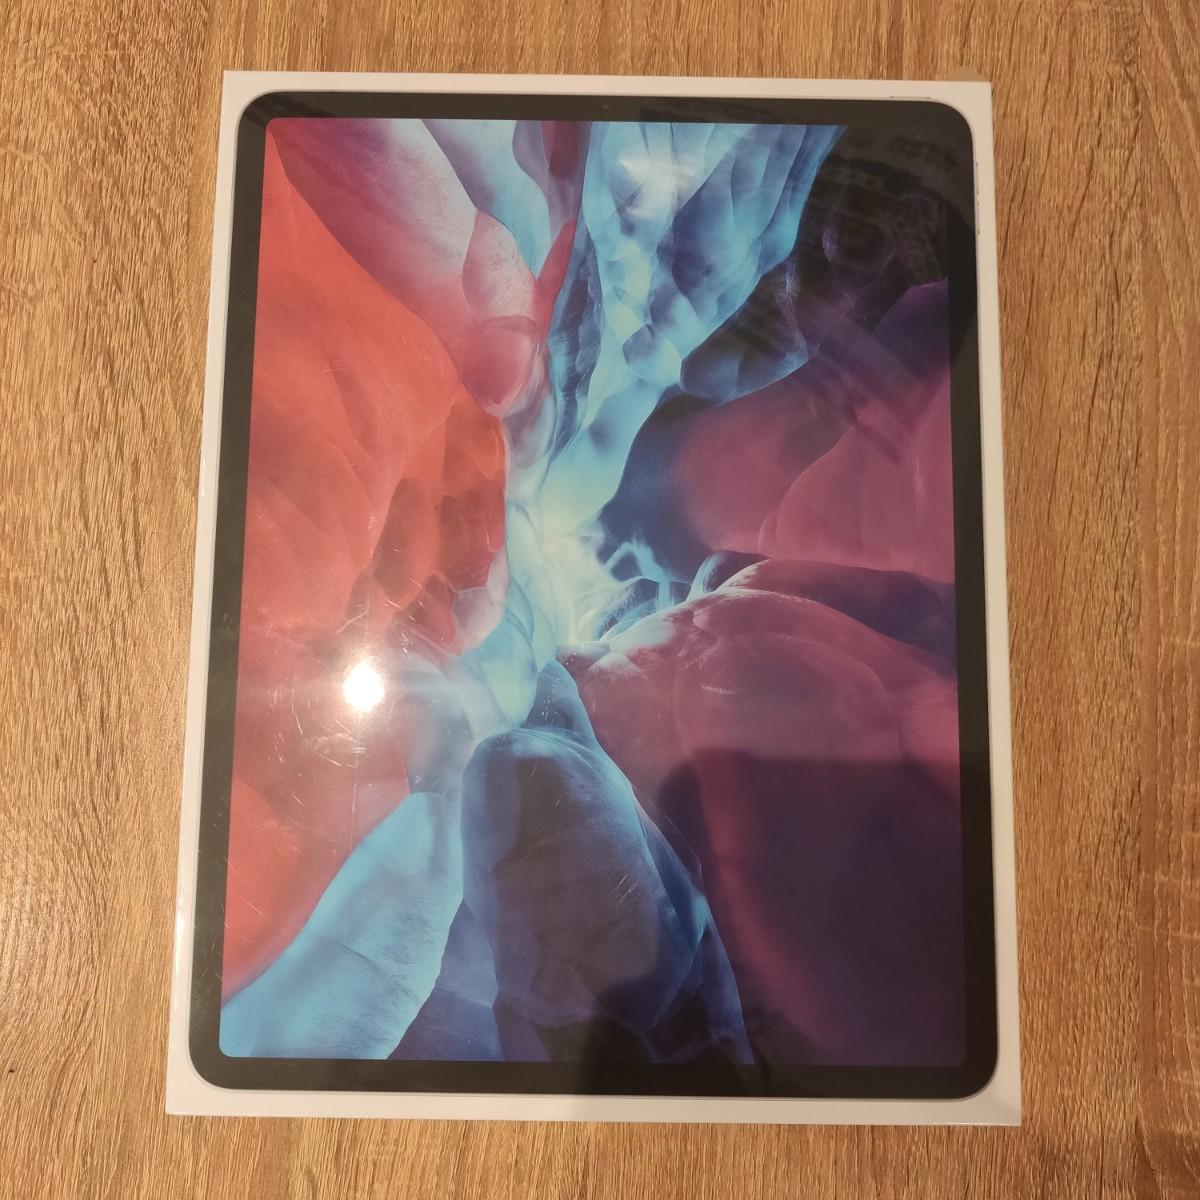 iPad Pro 12.9インチ 第4世代 wifiモデル 256GB 新品未開封